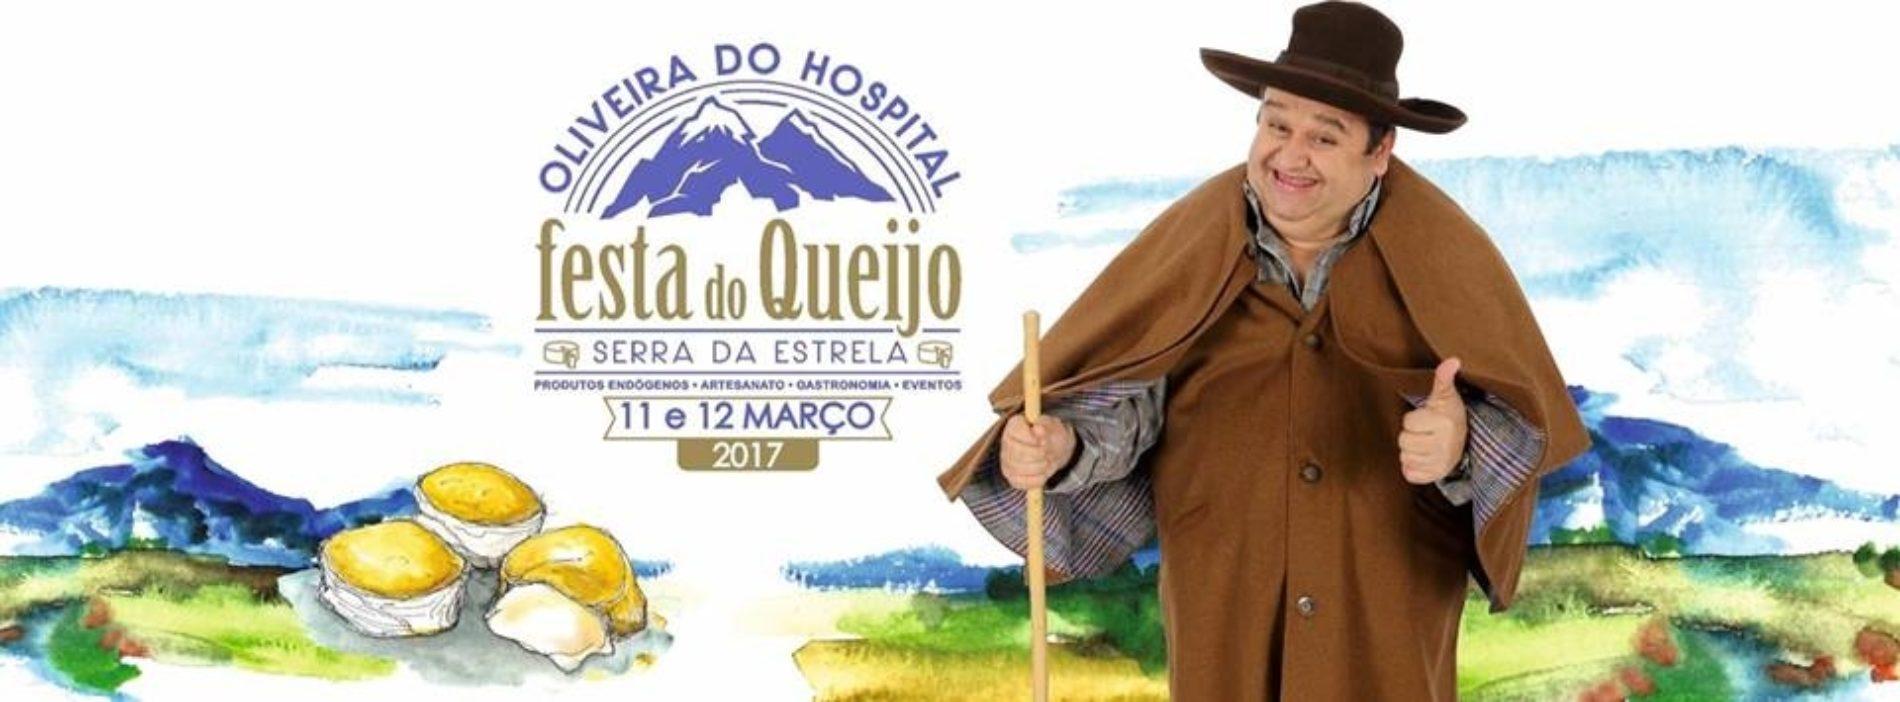 Feira do Queijo de Oliveira do Hospital com ação promocional no palácio do Gelo, em Viseu